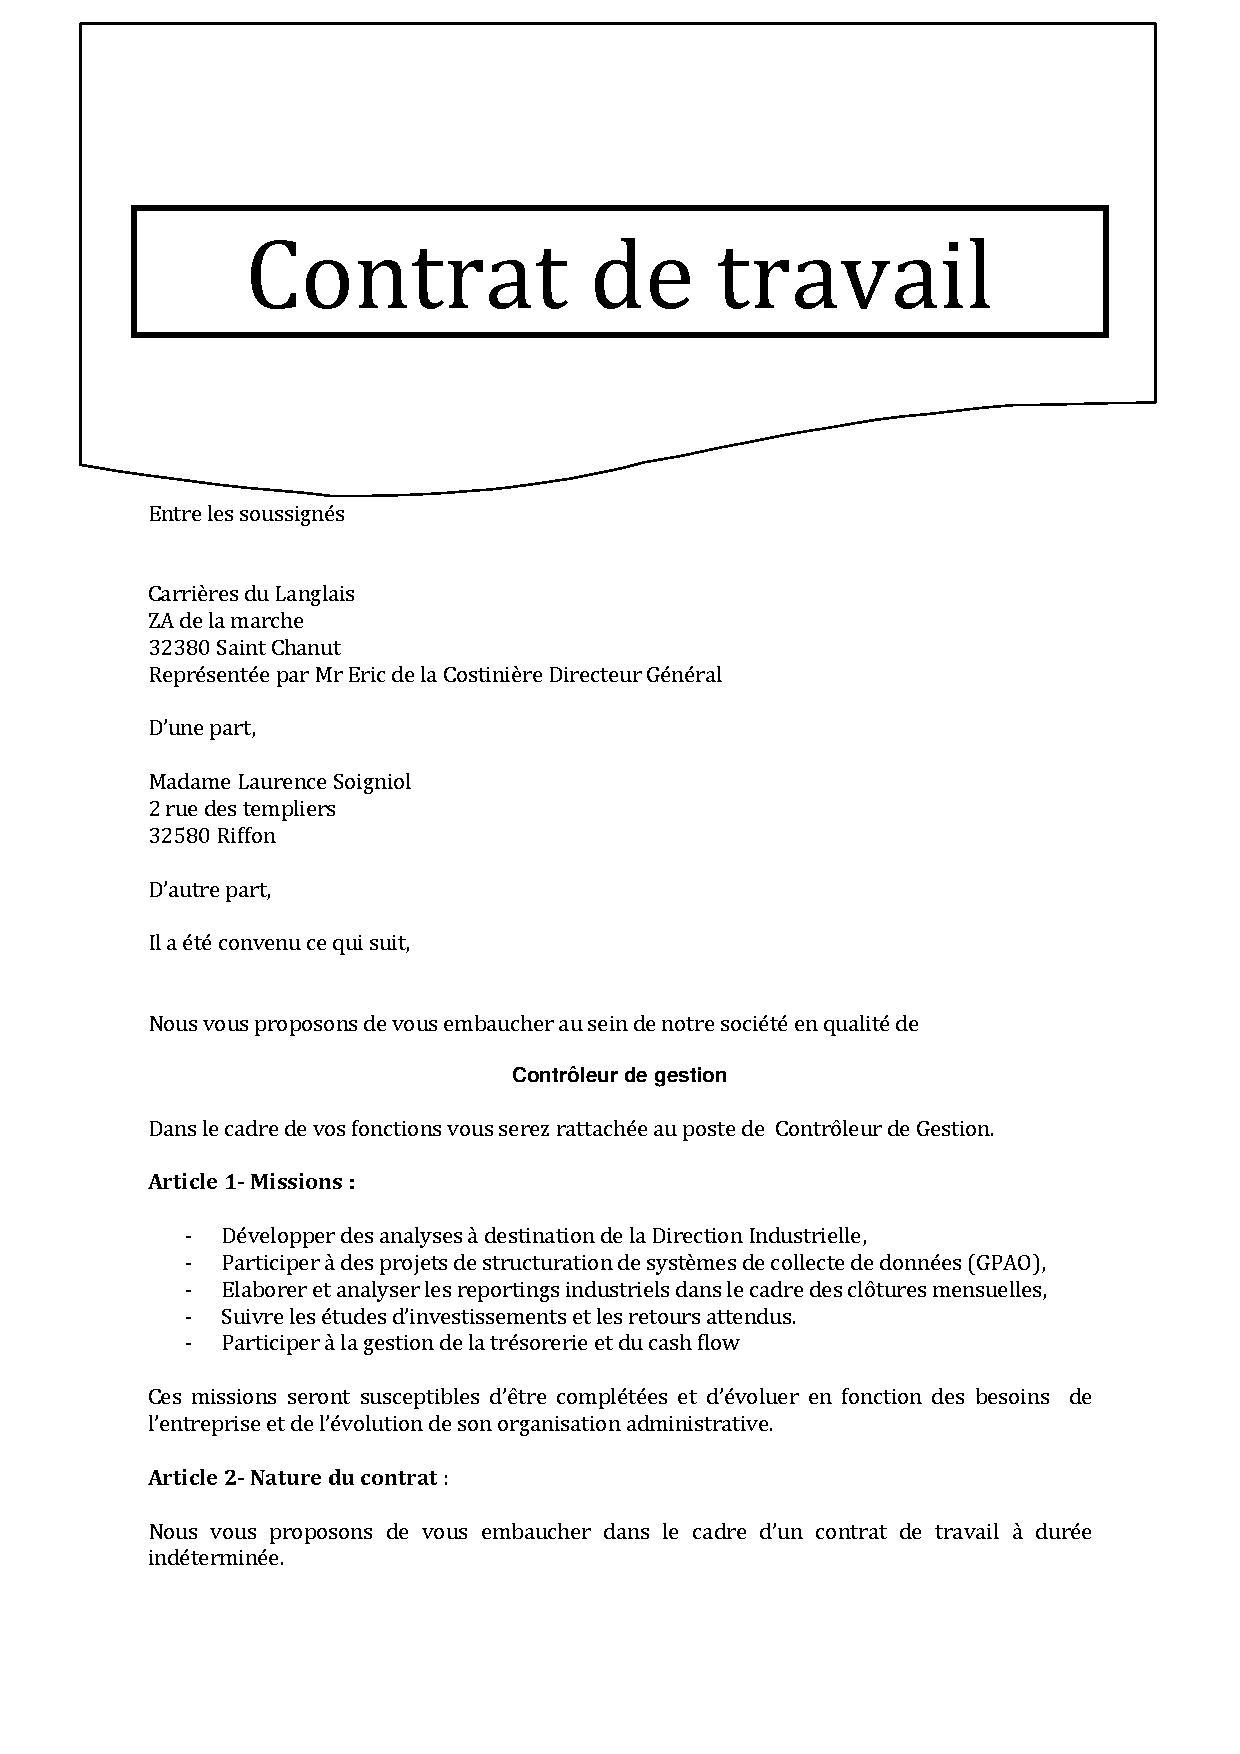 rédaction contrat de travail problème contrat conflit procès prud'hommes